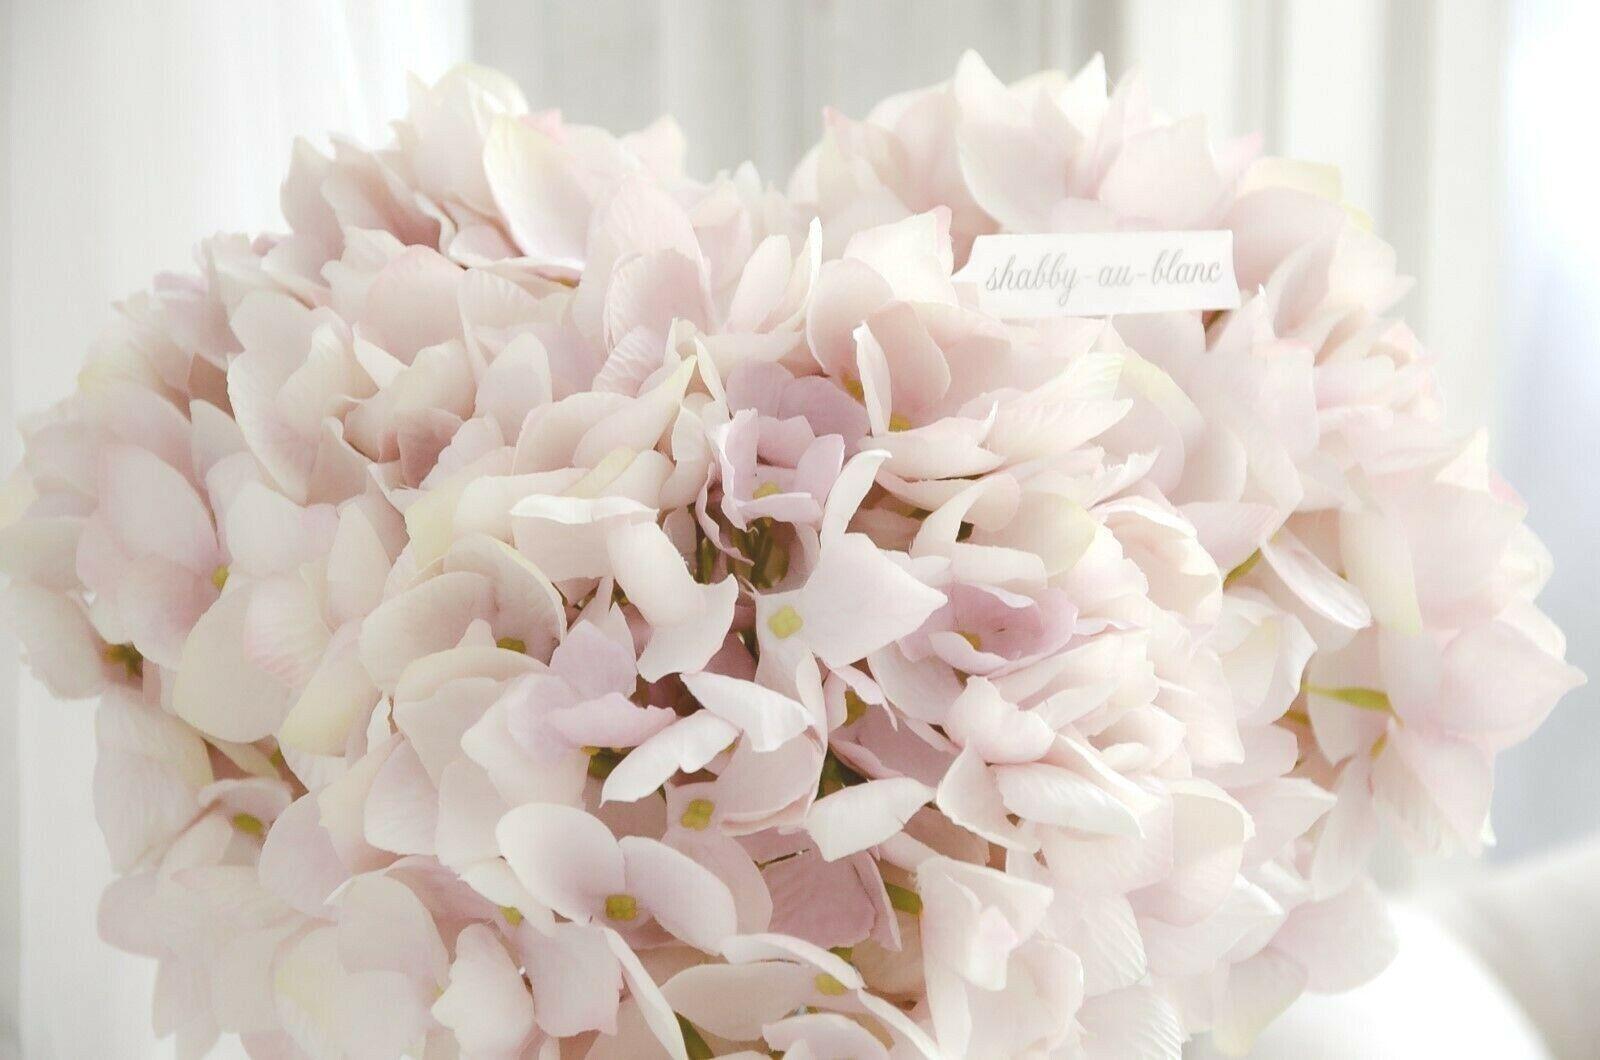 Hortensie Kunstblumen Seidenblumen Blumen Blume Shabby Chic Landhaus